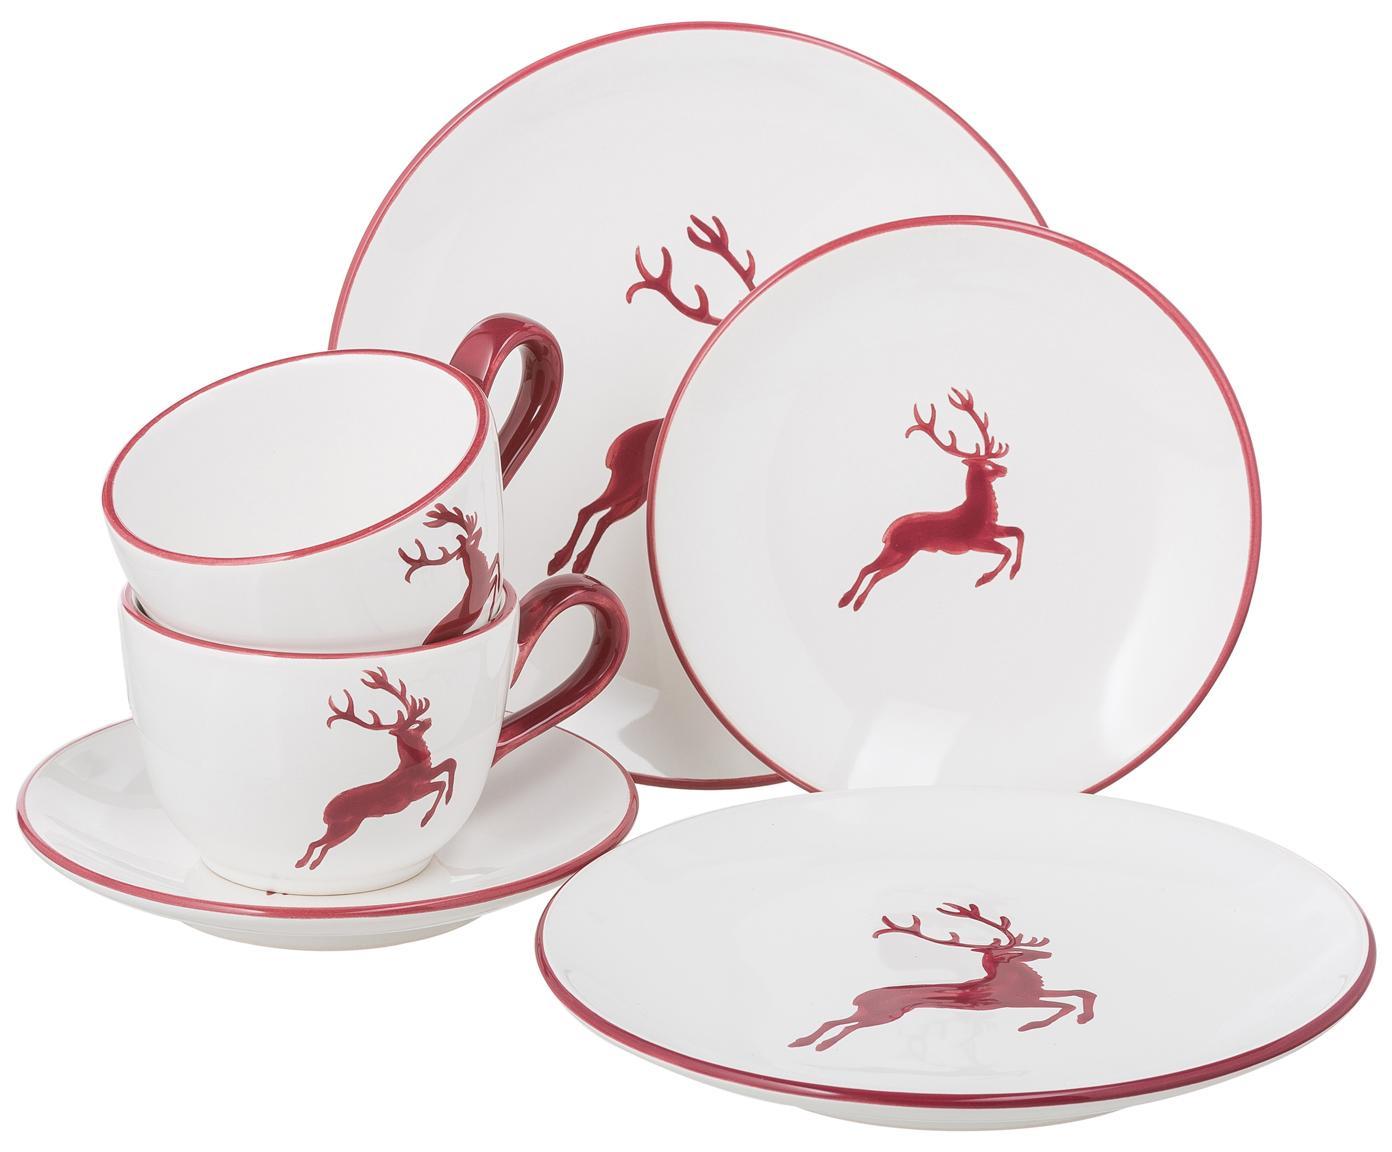 Serwis do kawy Classic Roter Hirsch, 6 elem., Ceramika, Bordowy, biały, Różne rozmiary